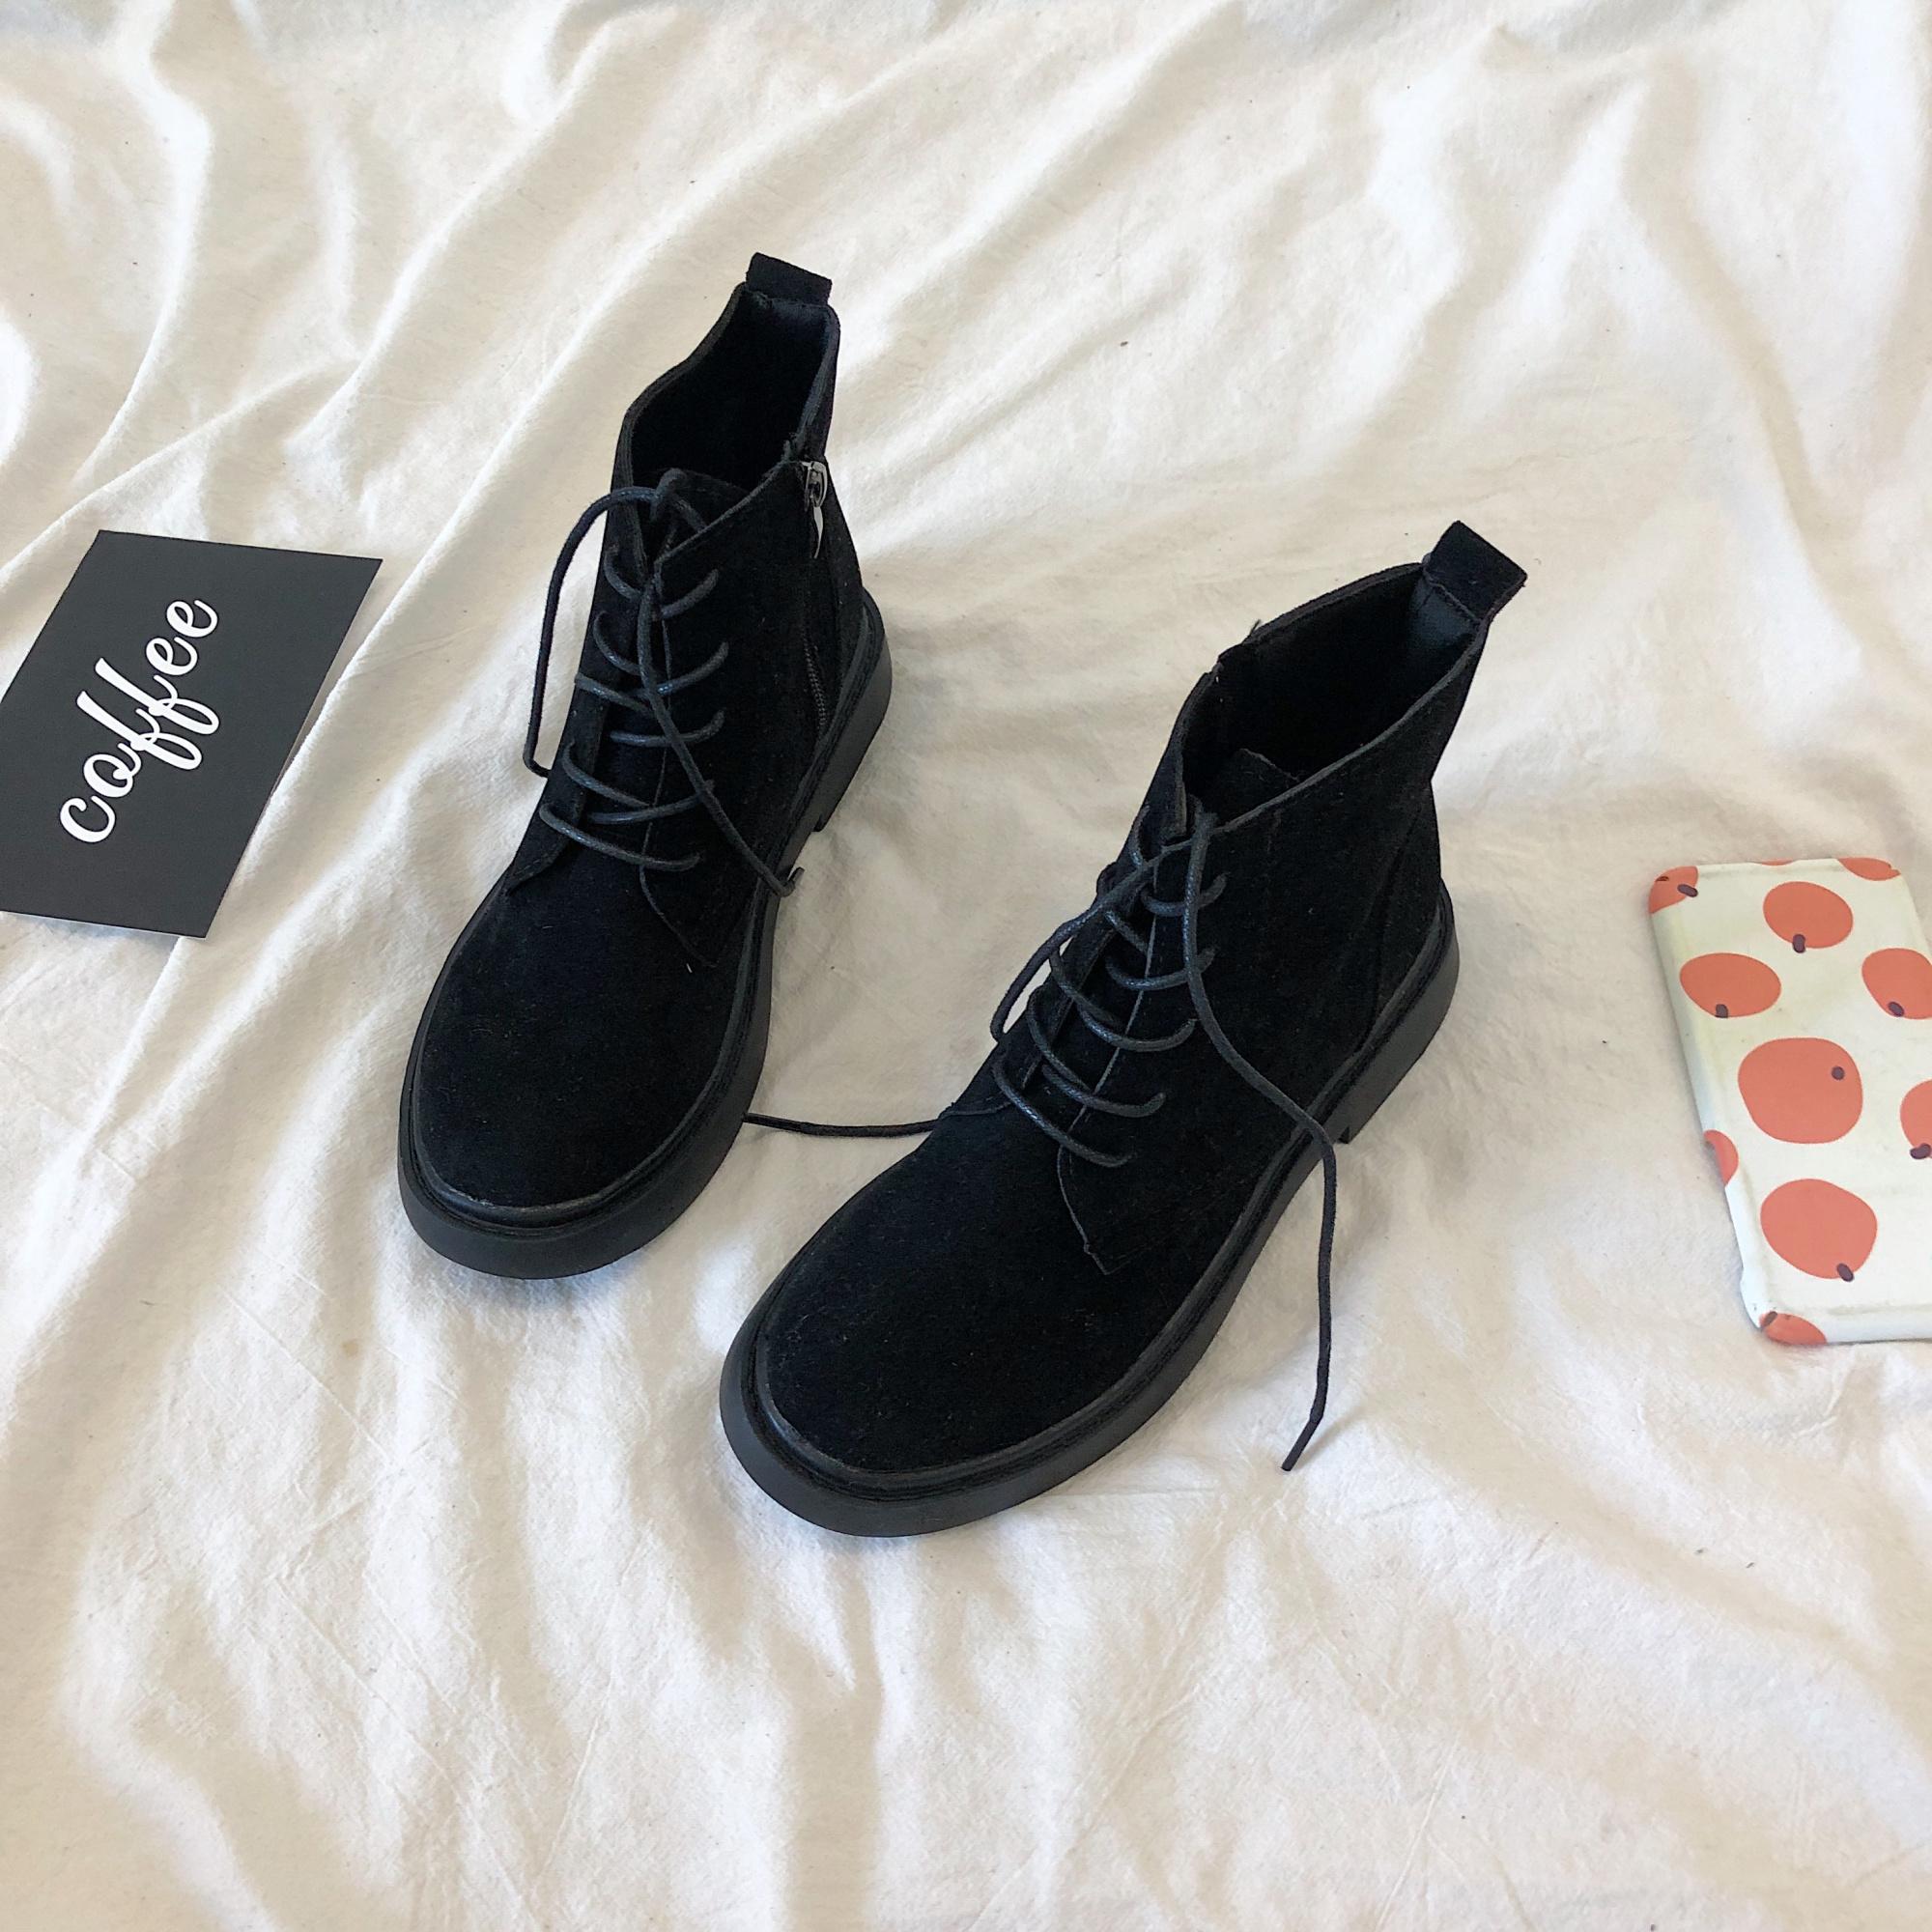 学生風マーティンブーツ【school martin boots】